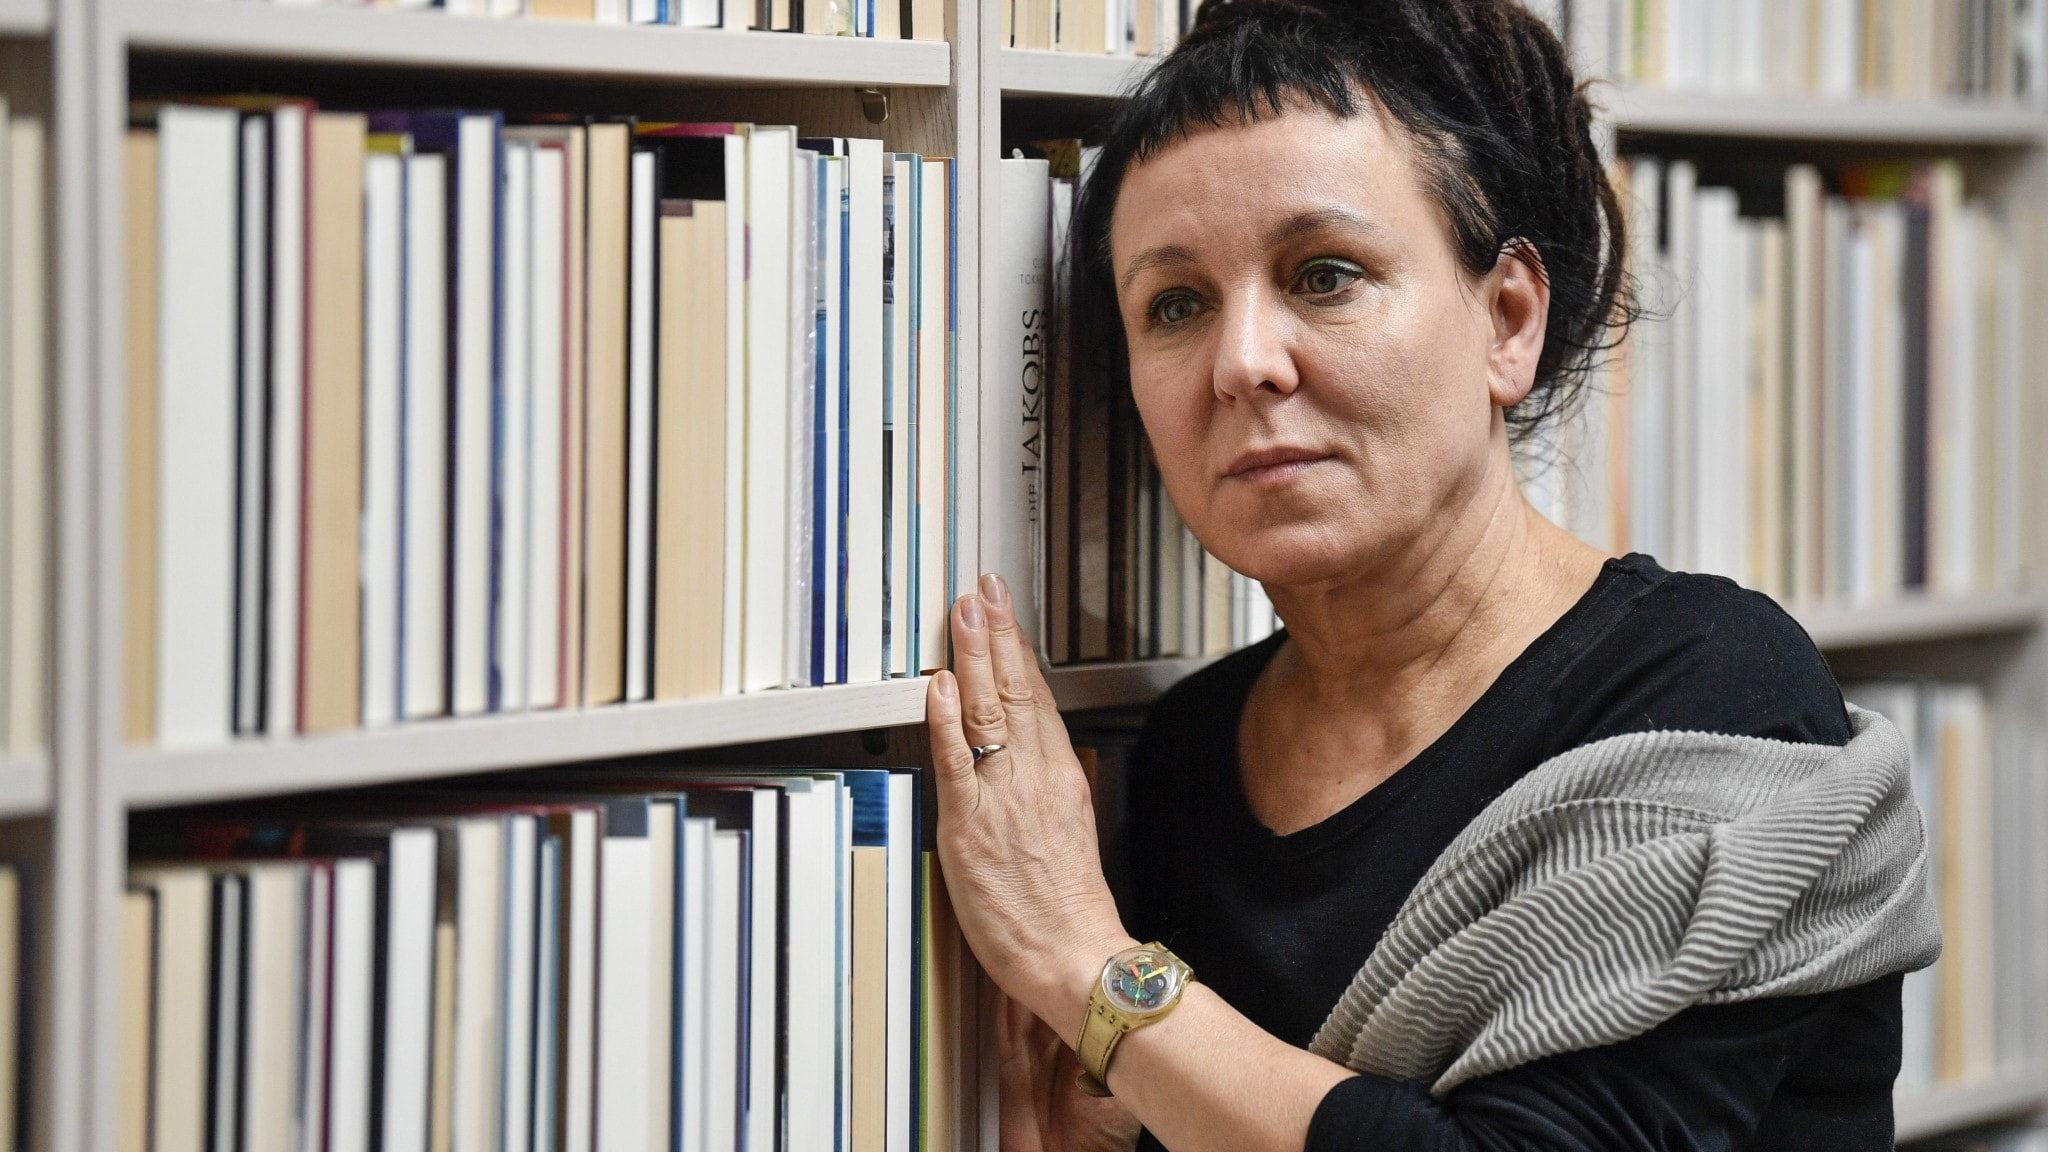 Nobelpristagaren Olga Tokarczuk – när platsen får en själ